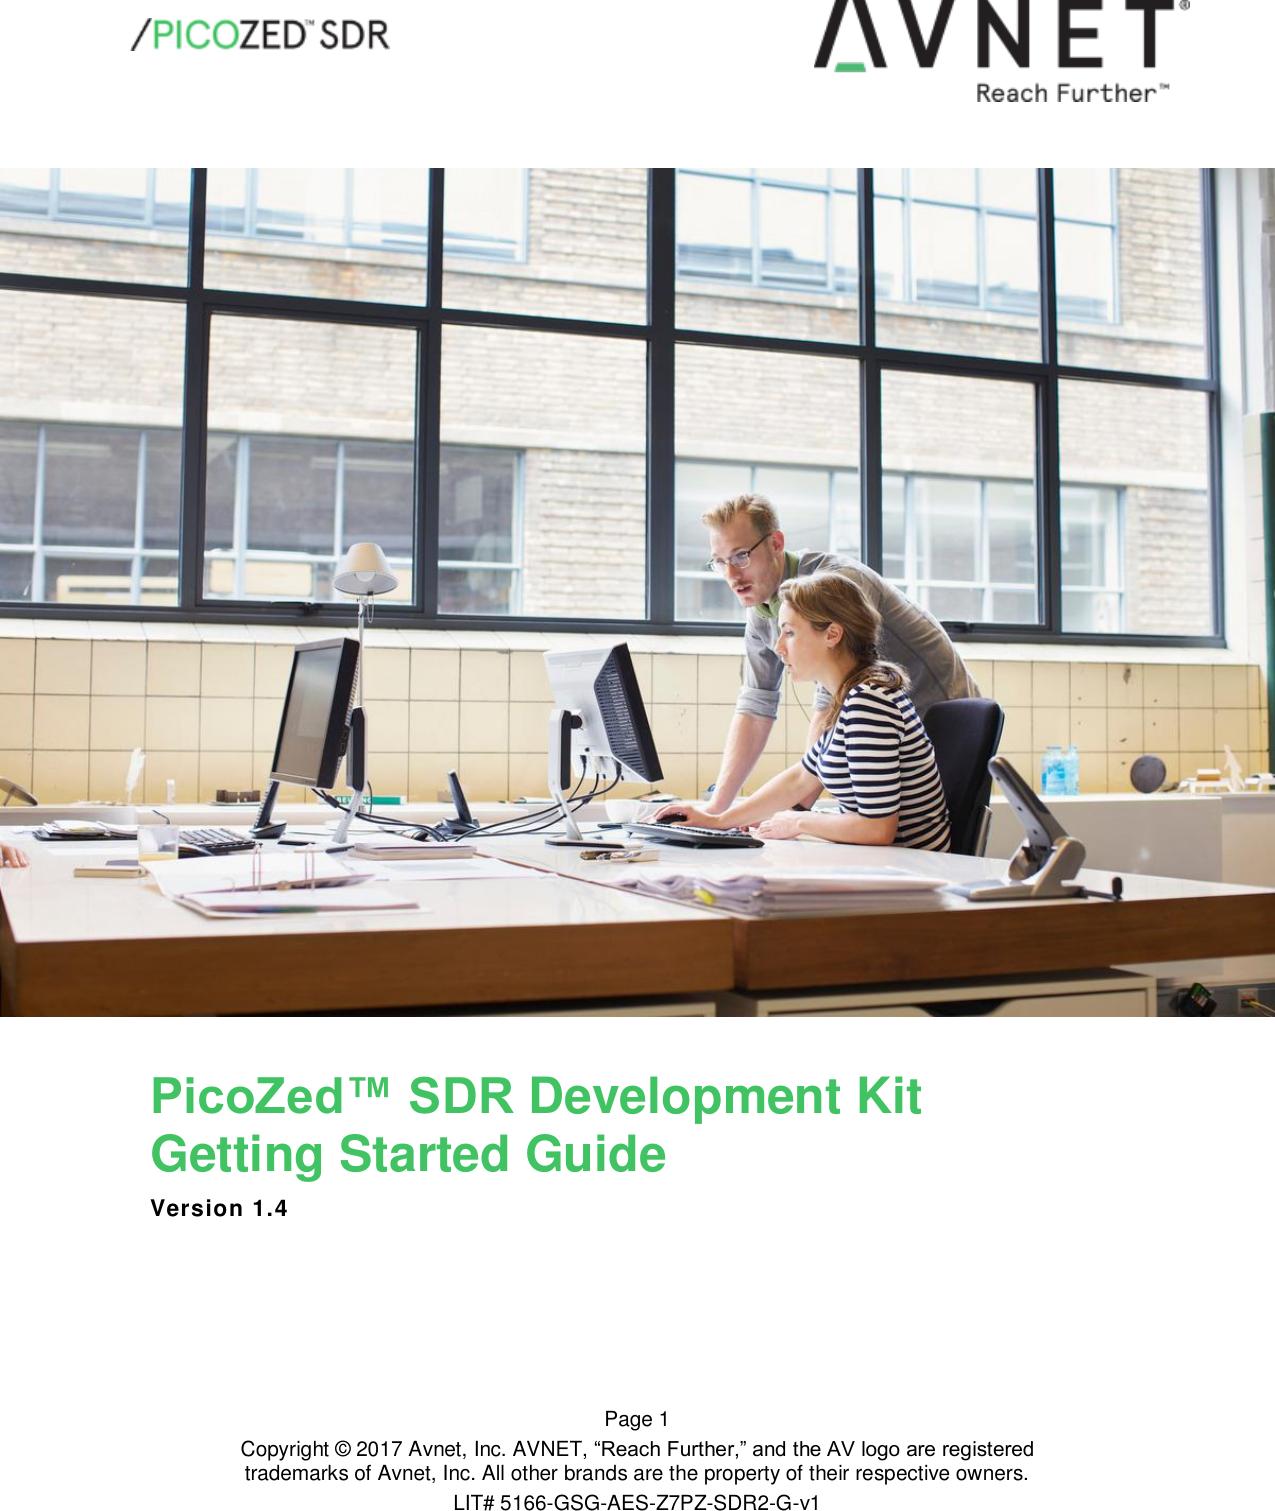 PicoZed™ SDR Development Kit Getting Started Guide SDR:FMC Starter